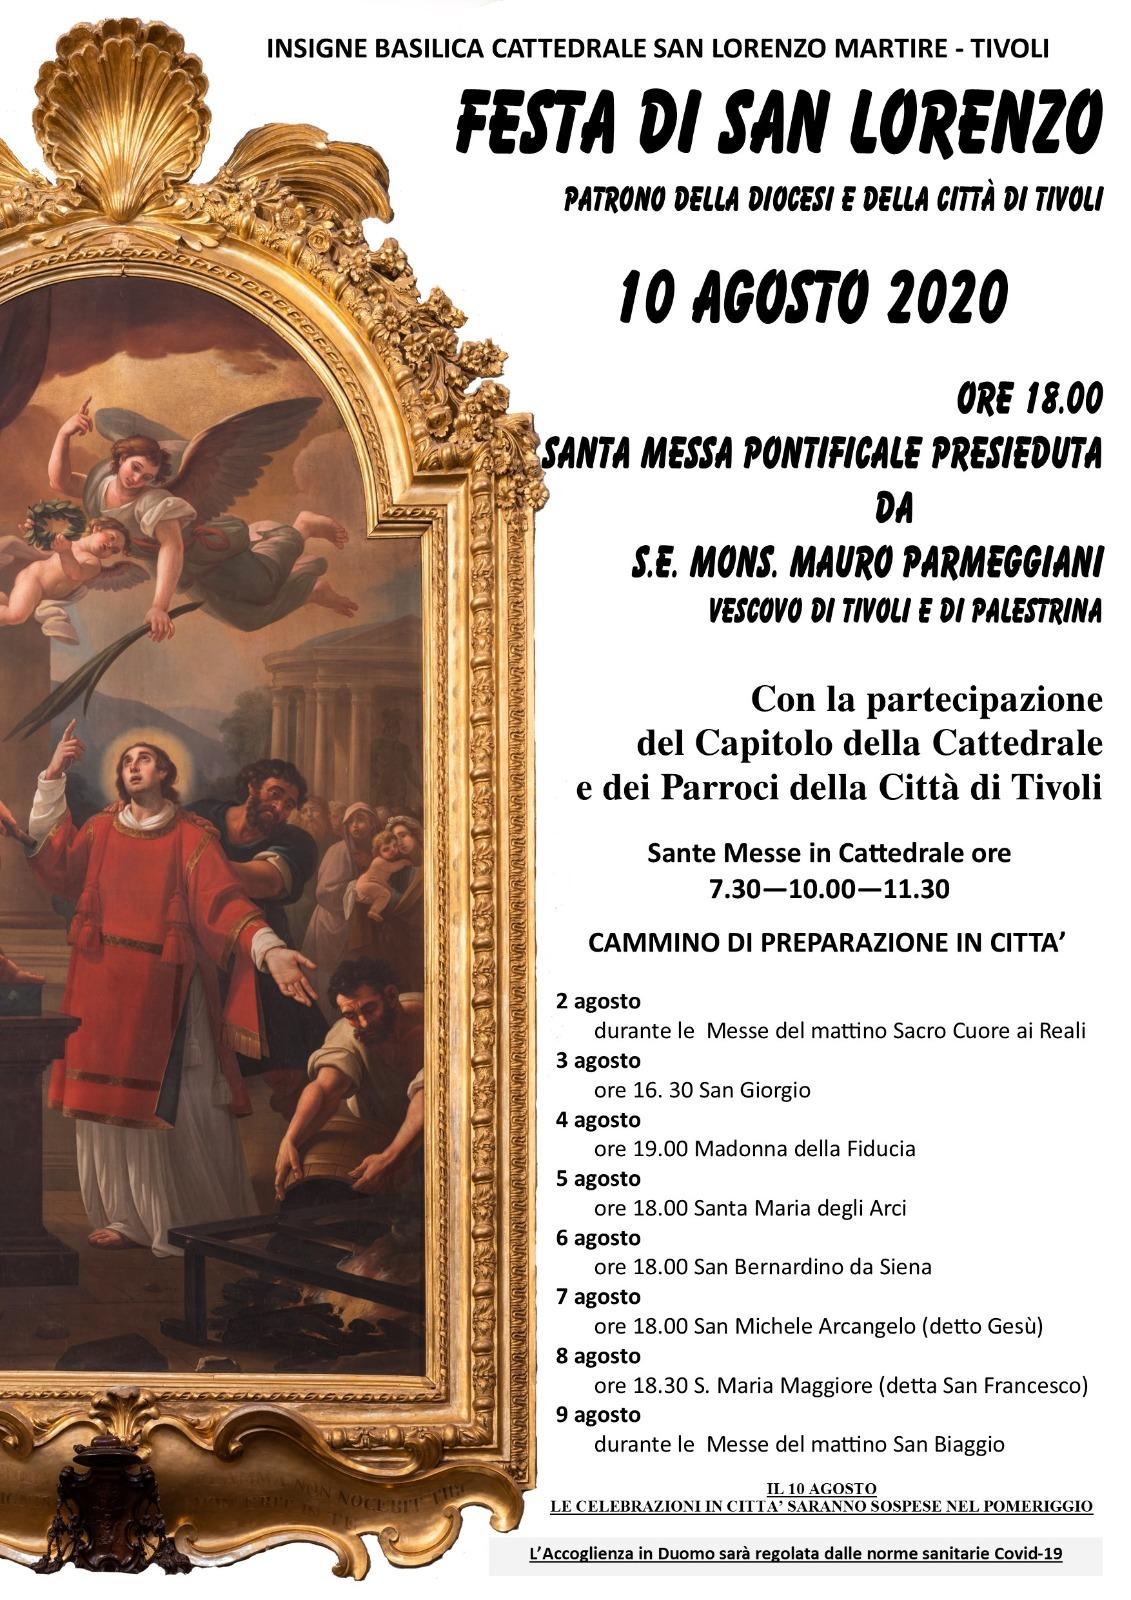 IMG-20200730-WA0008